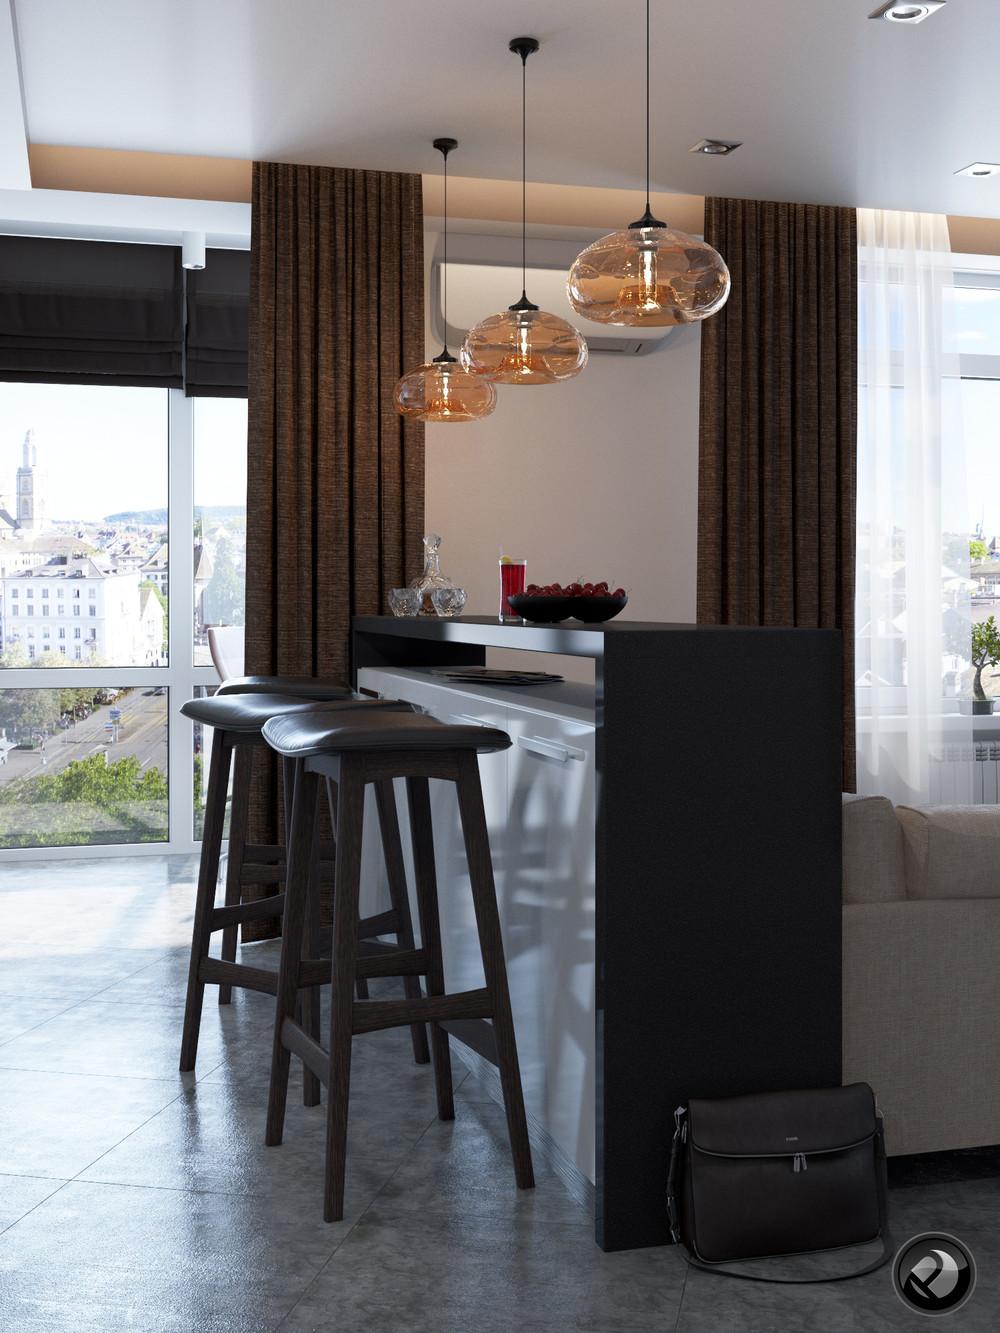 Интерьер маленькой квартиры в светлых тонах - барная стойка